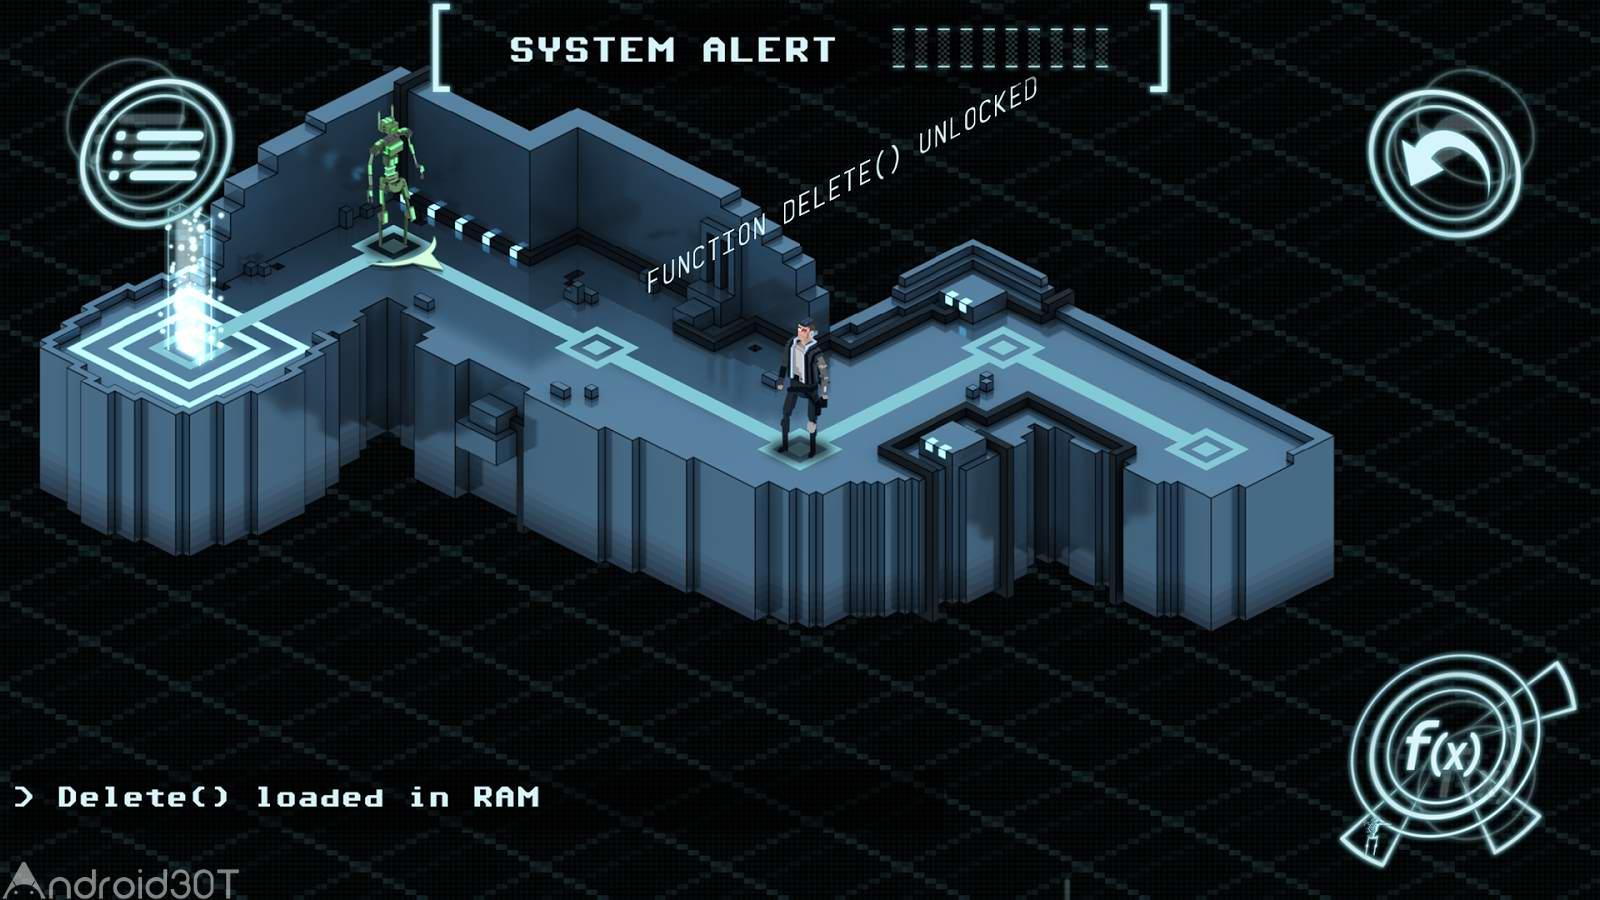 دانلود The Hacker 2.0 v1.0 – بازی جالب و فکری هکر اندروید